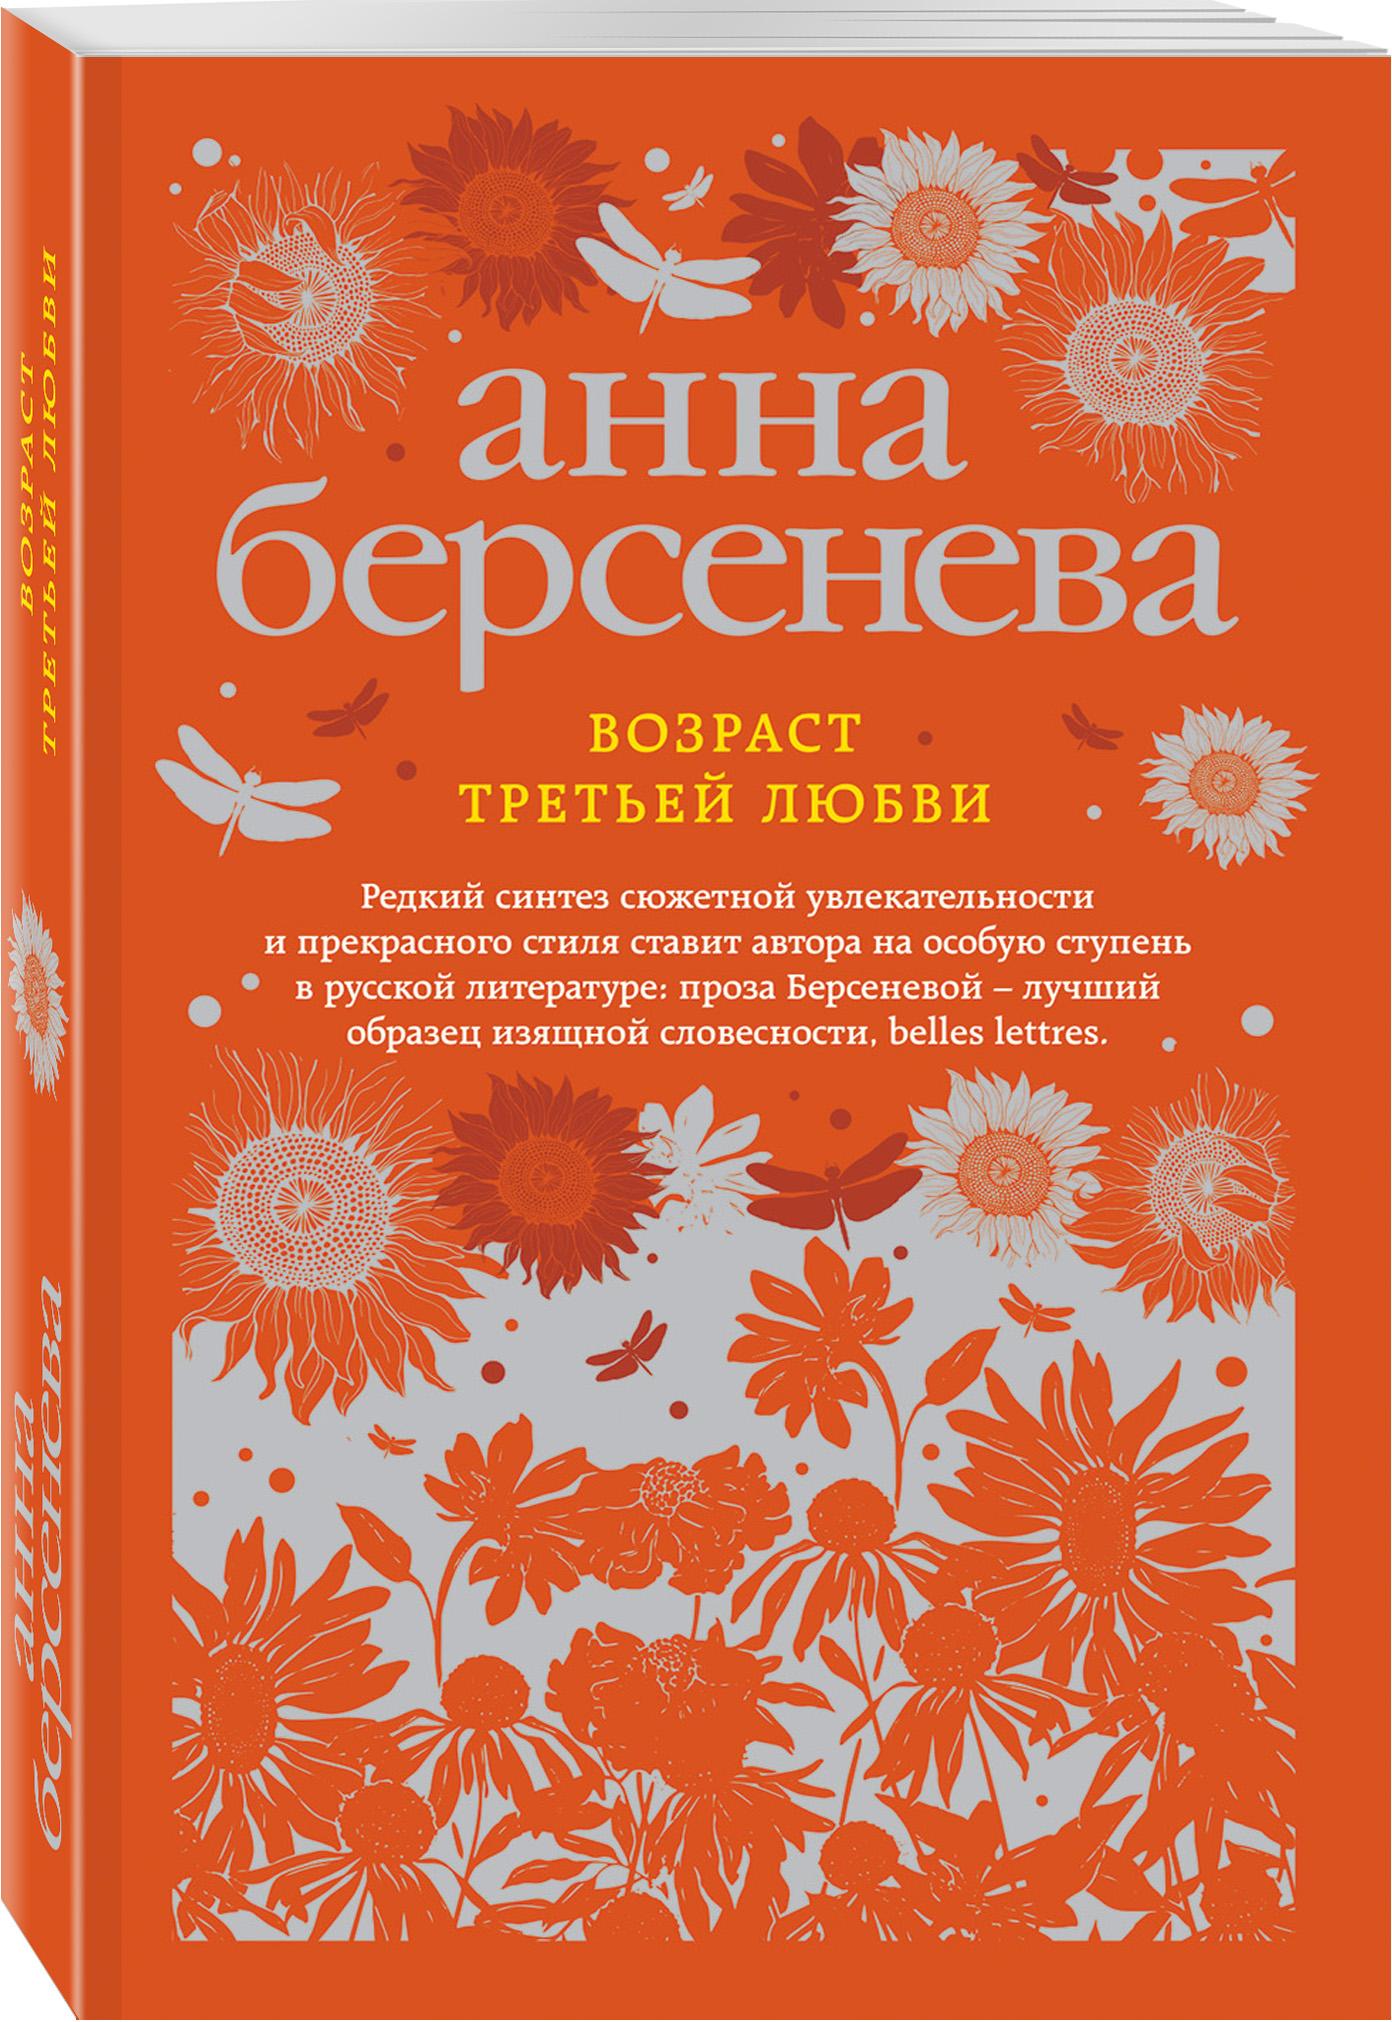 Возраст третьей любви ( Берсенева А.  )